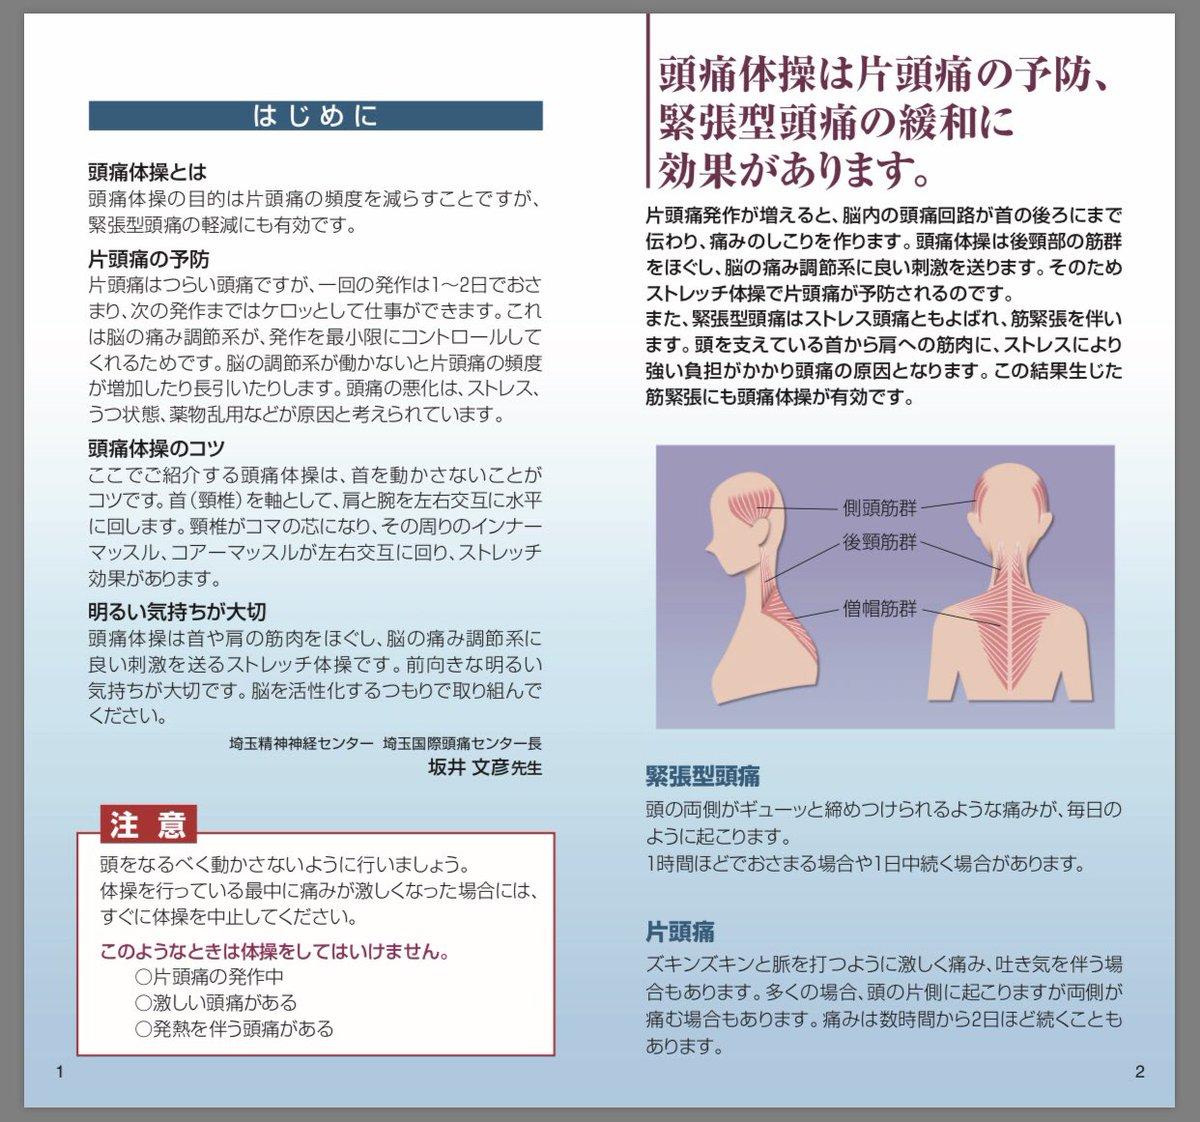 埼玉 国際 頭痛 センター